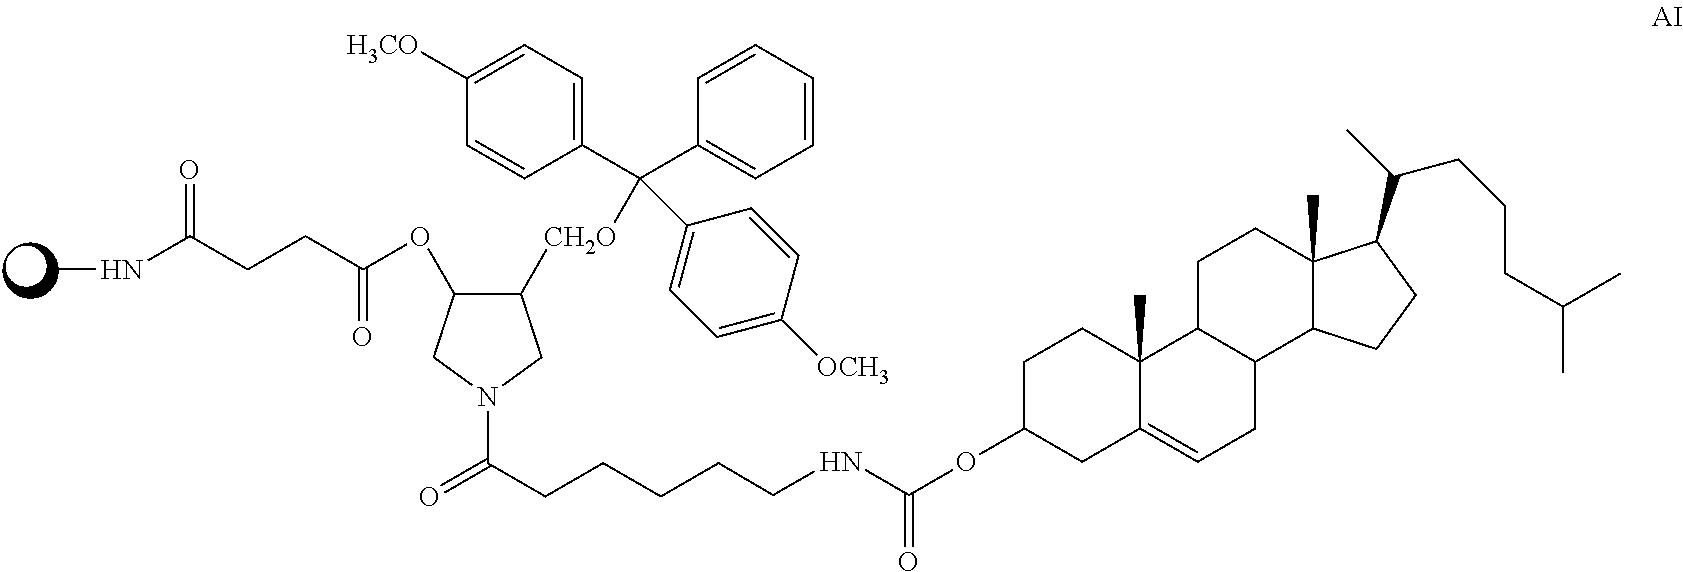 Figure US20110251262A1-20111013-C00010